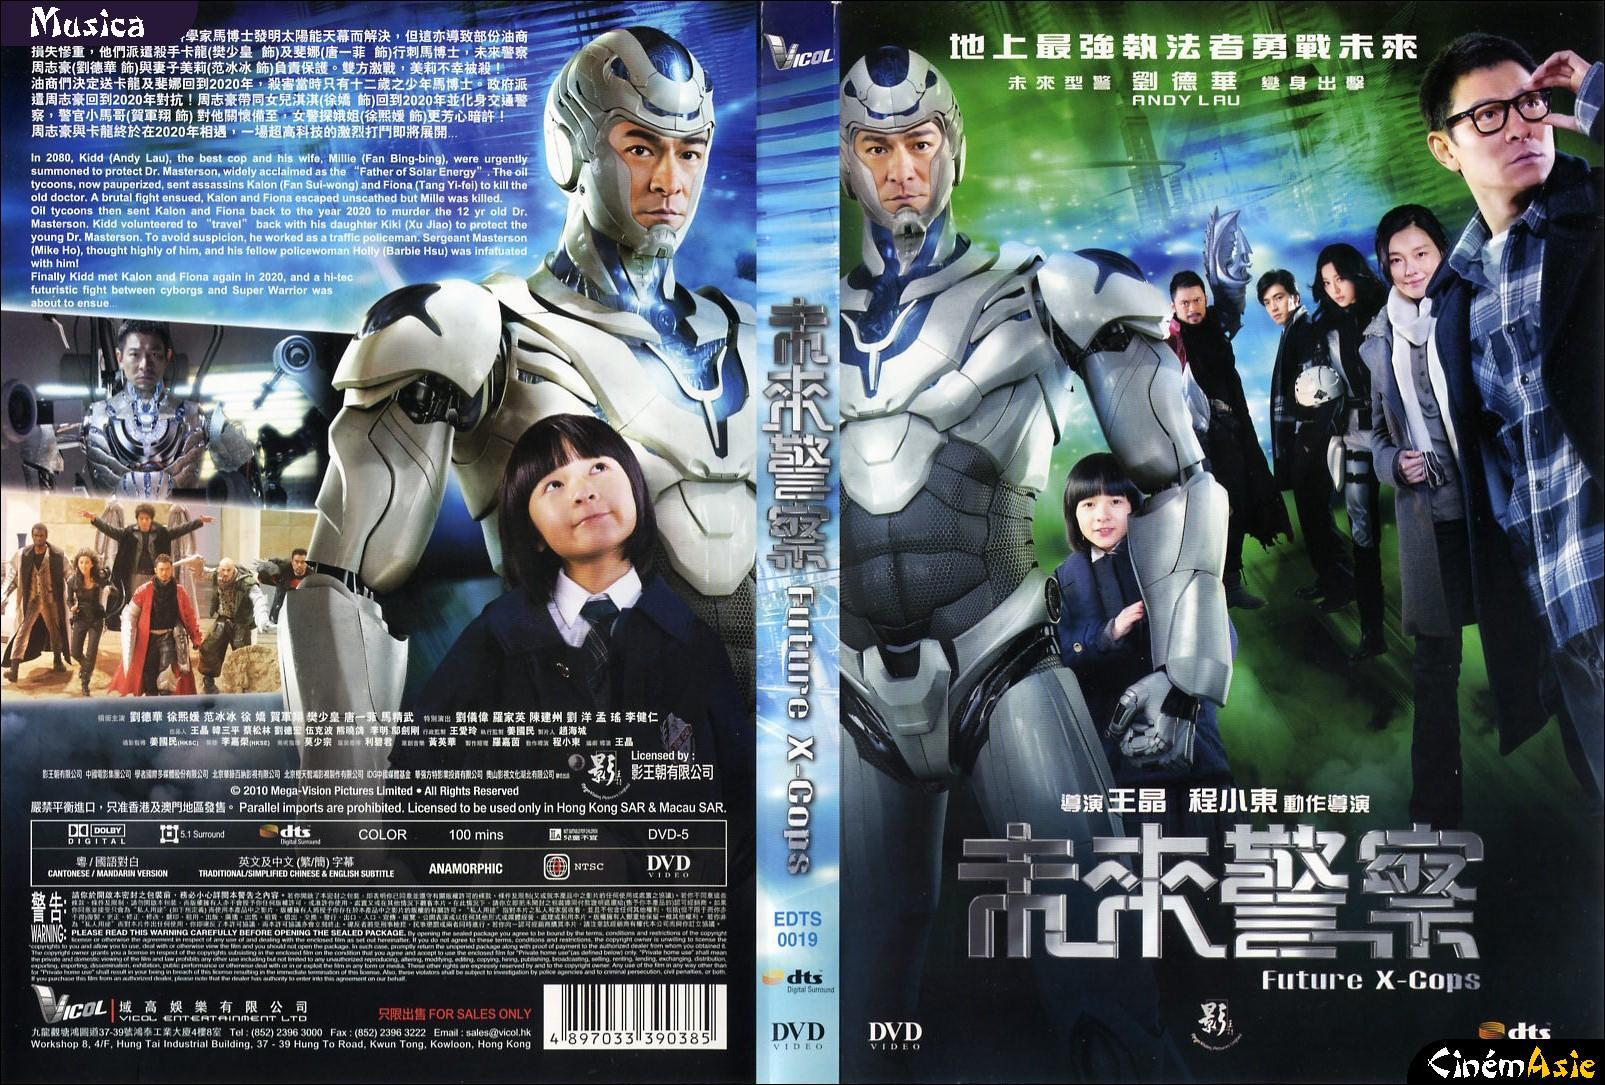 Future X - Cops